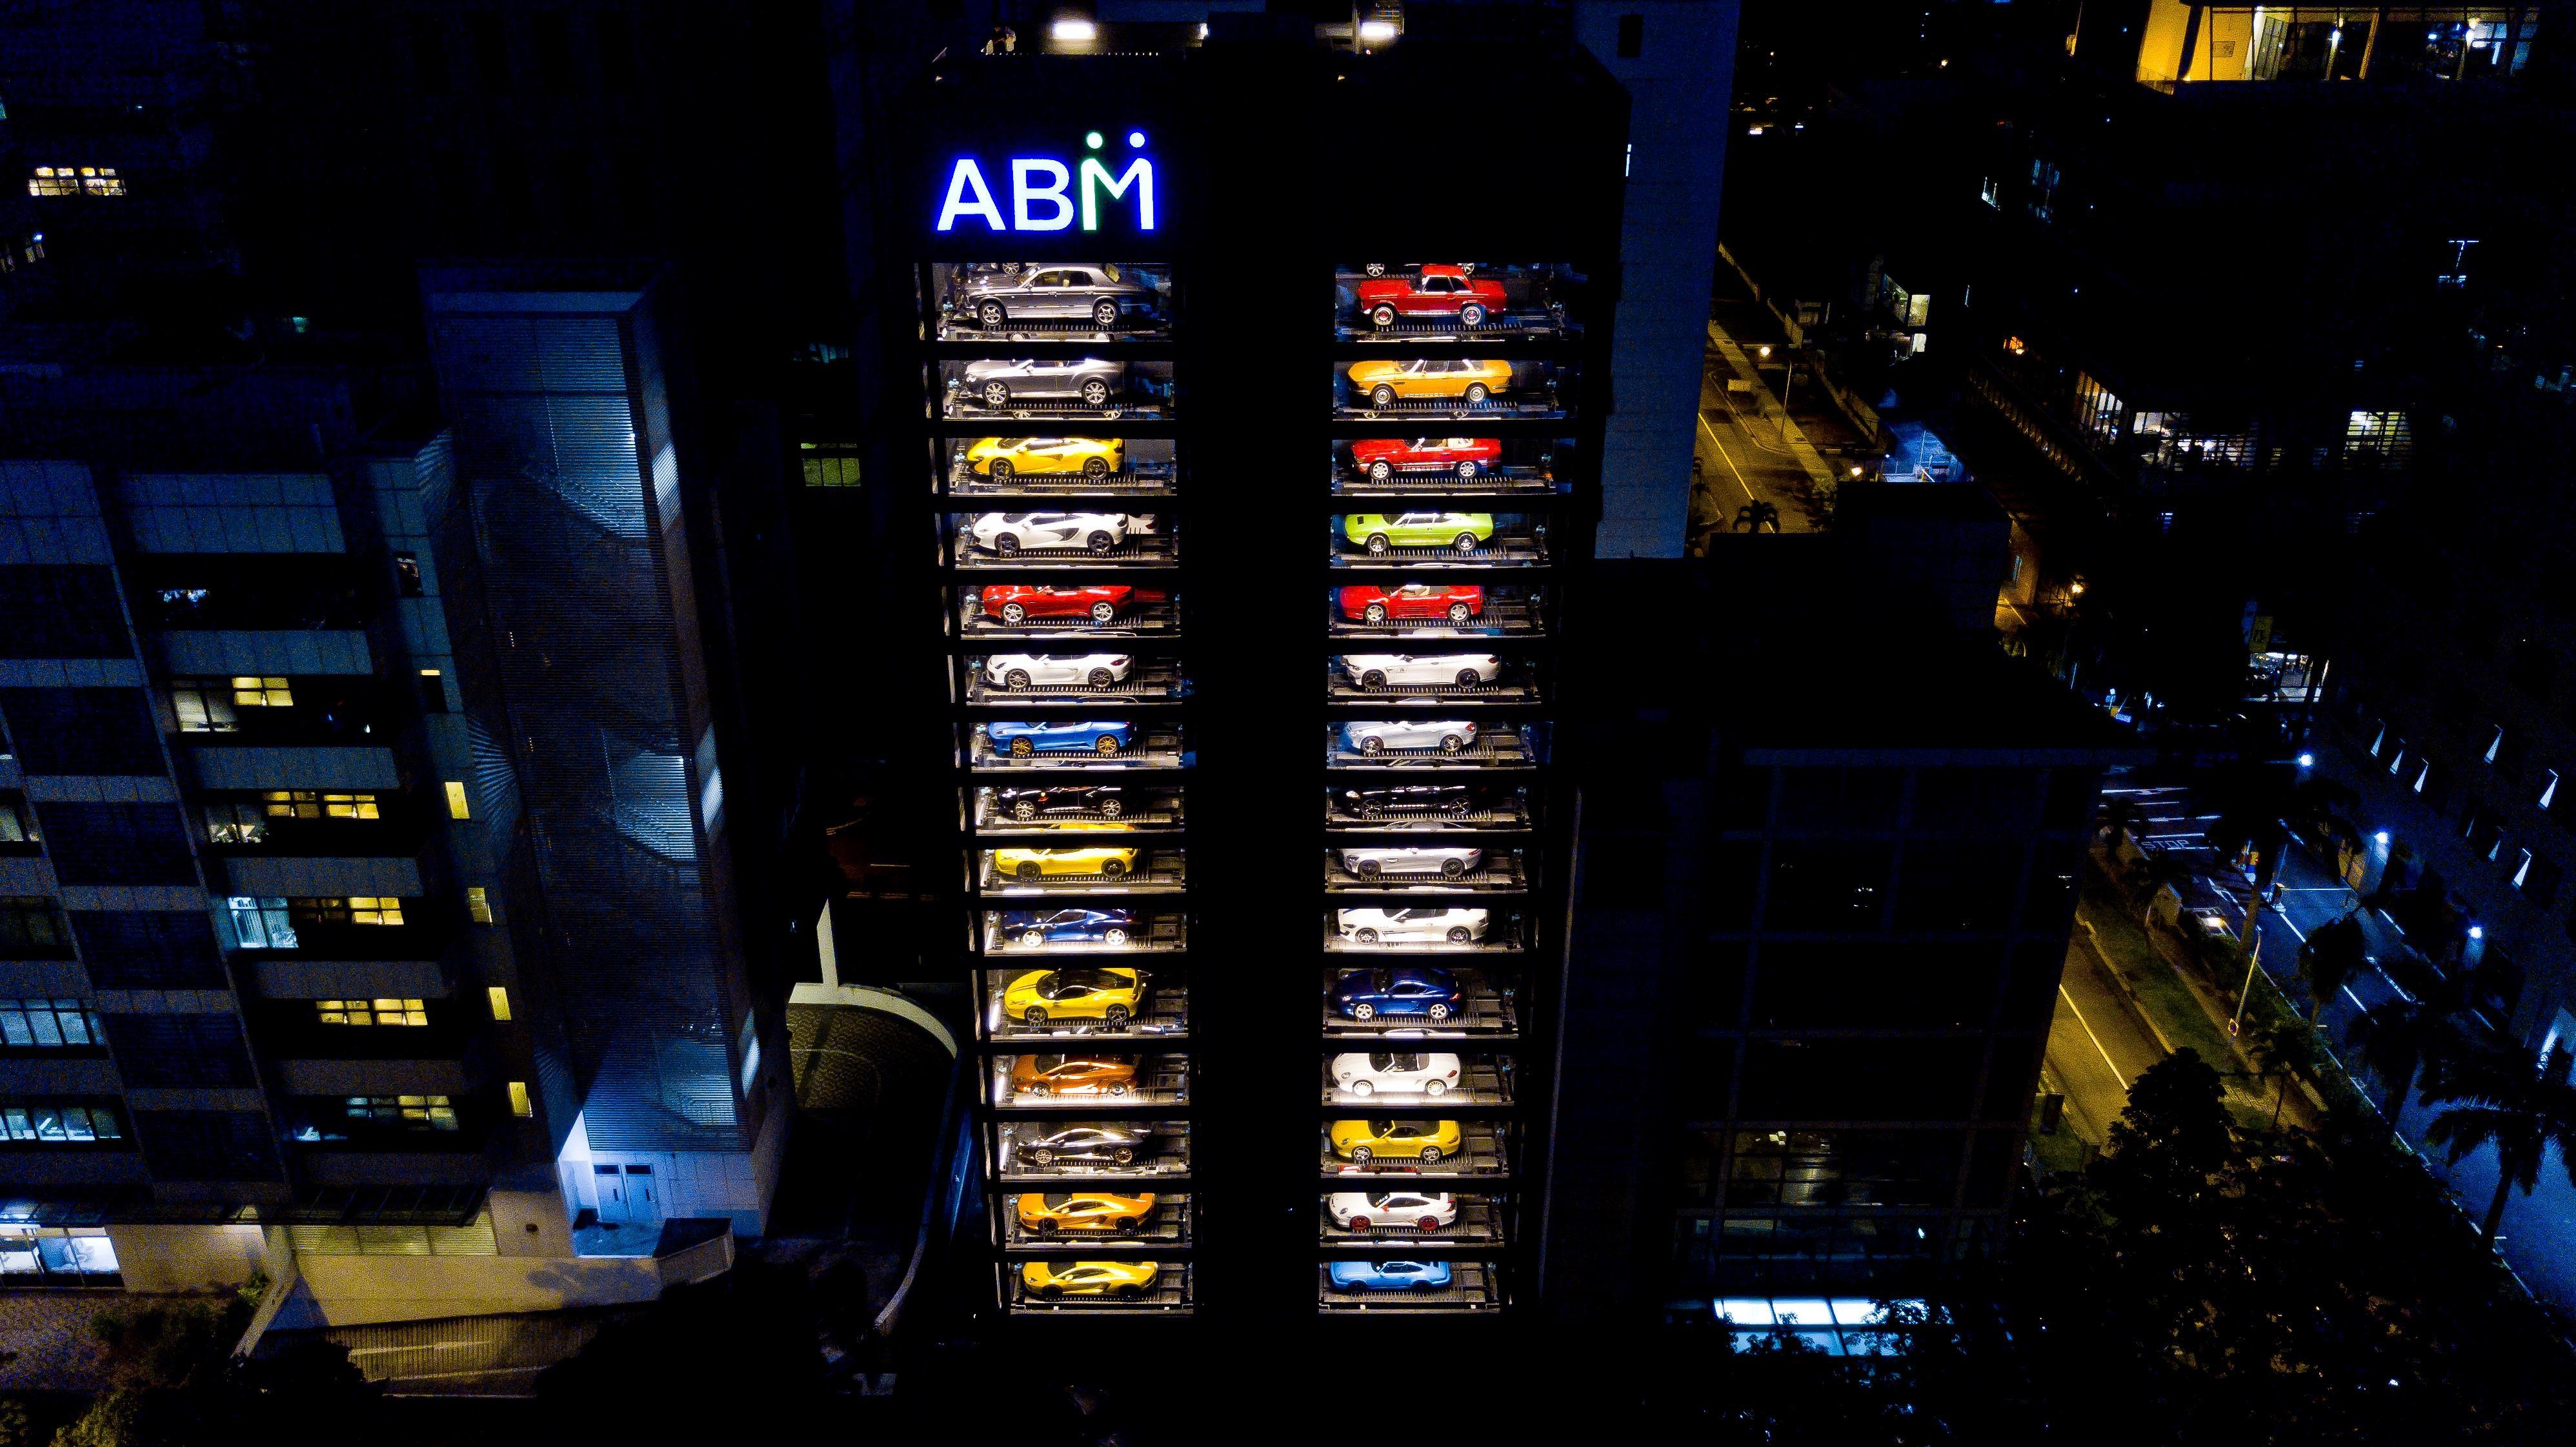 O edifício comprado pela Autobahn Motors, que parece uma máquina de vendas gigante (Foto: Reprodução/Youtube)